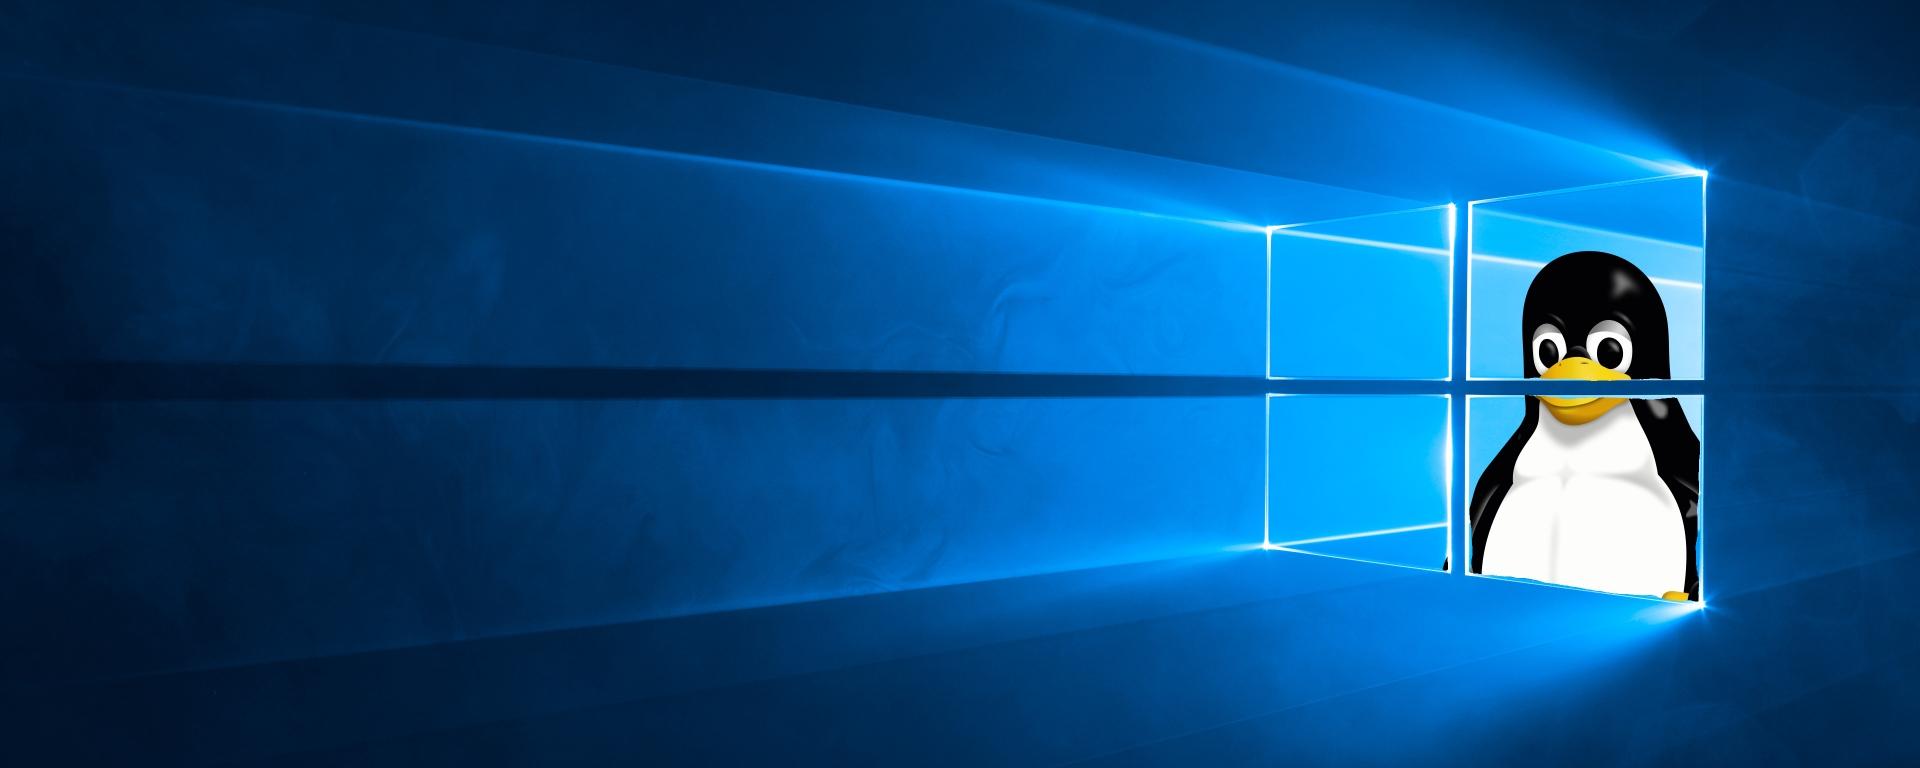 Pasos para instalar Bash en Windows 10